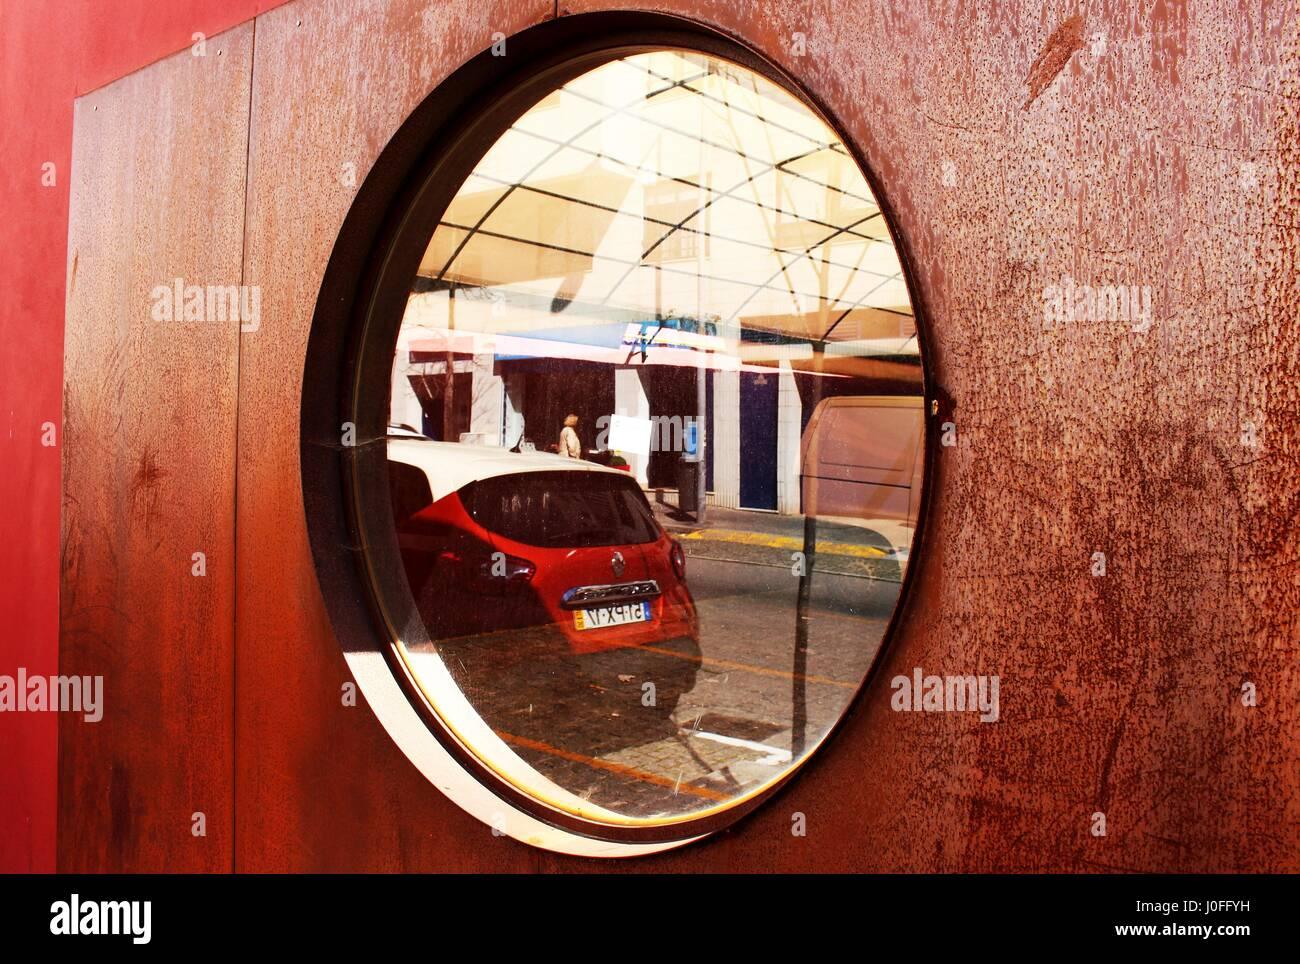 La ventana de la puerta de madera en el centro de Matosinhos, Porto, Portugal. Foto de stock